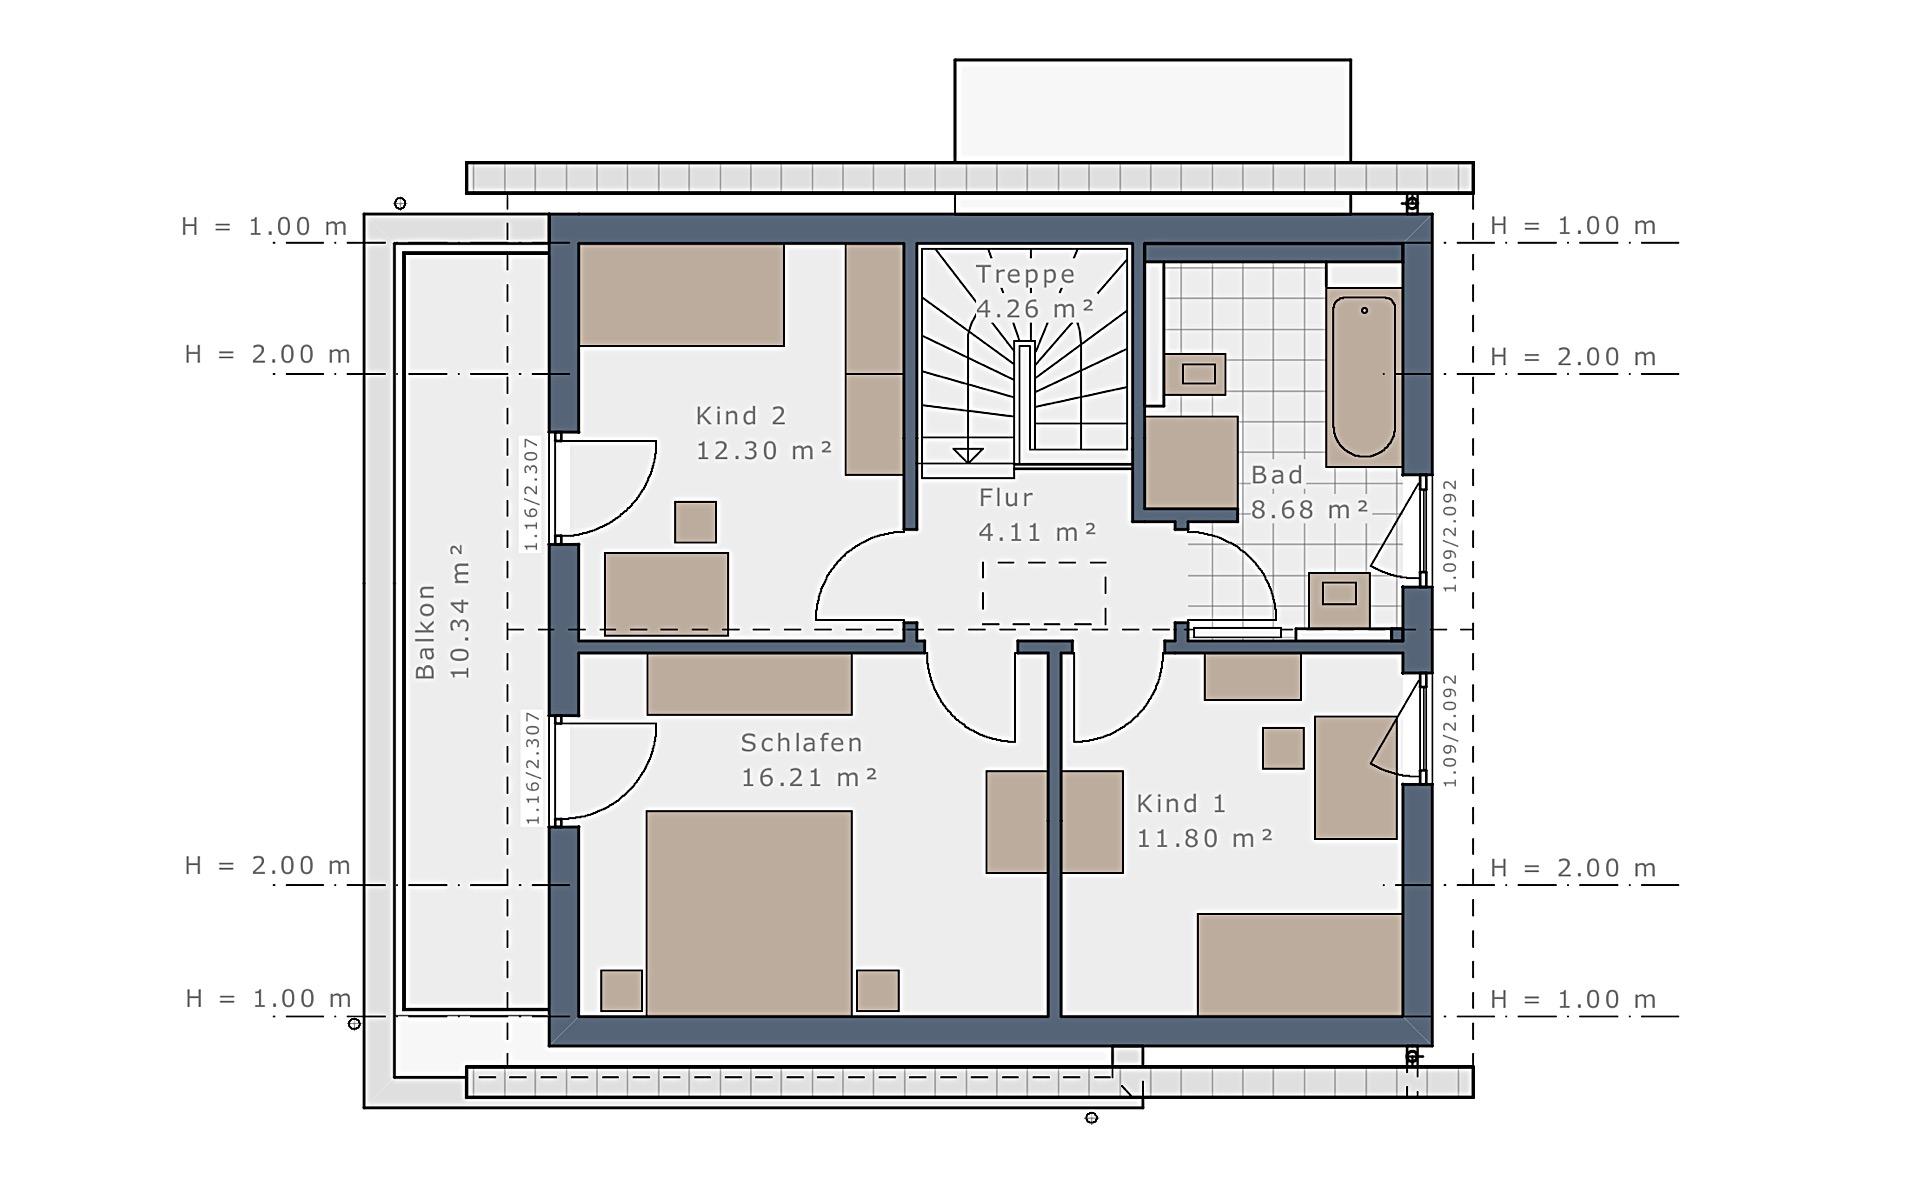 Dachgeschoss Solitaire-E-115 E1 von Schwabenhaus GmbH & Co. KG